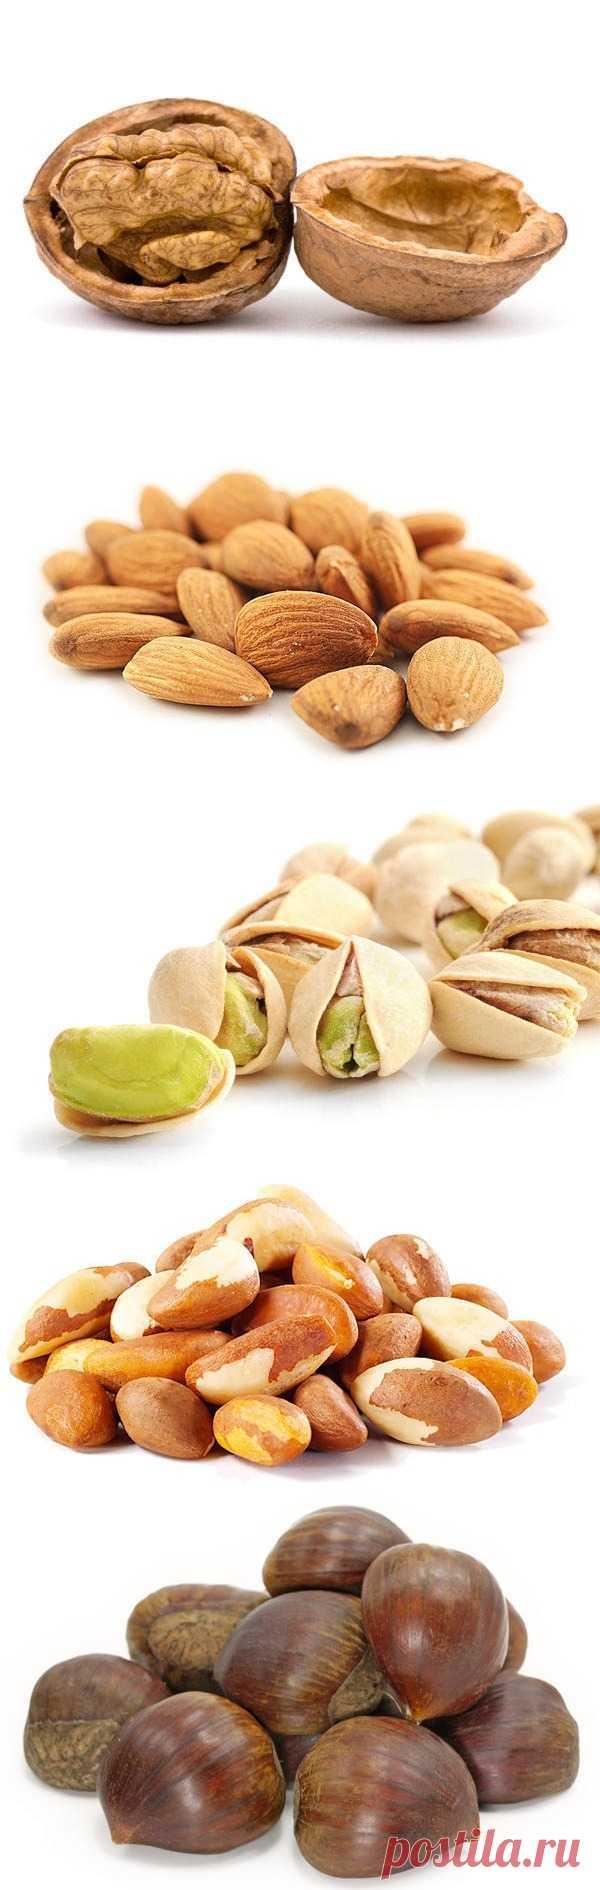 10 интересных фактов о орехах